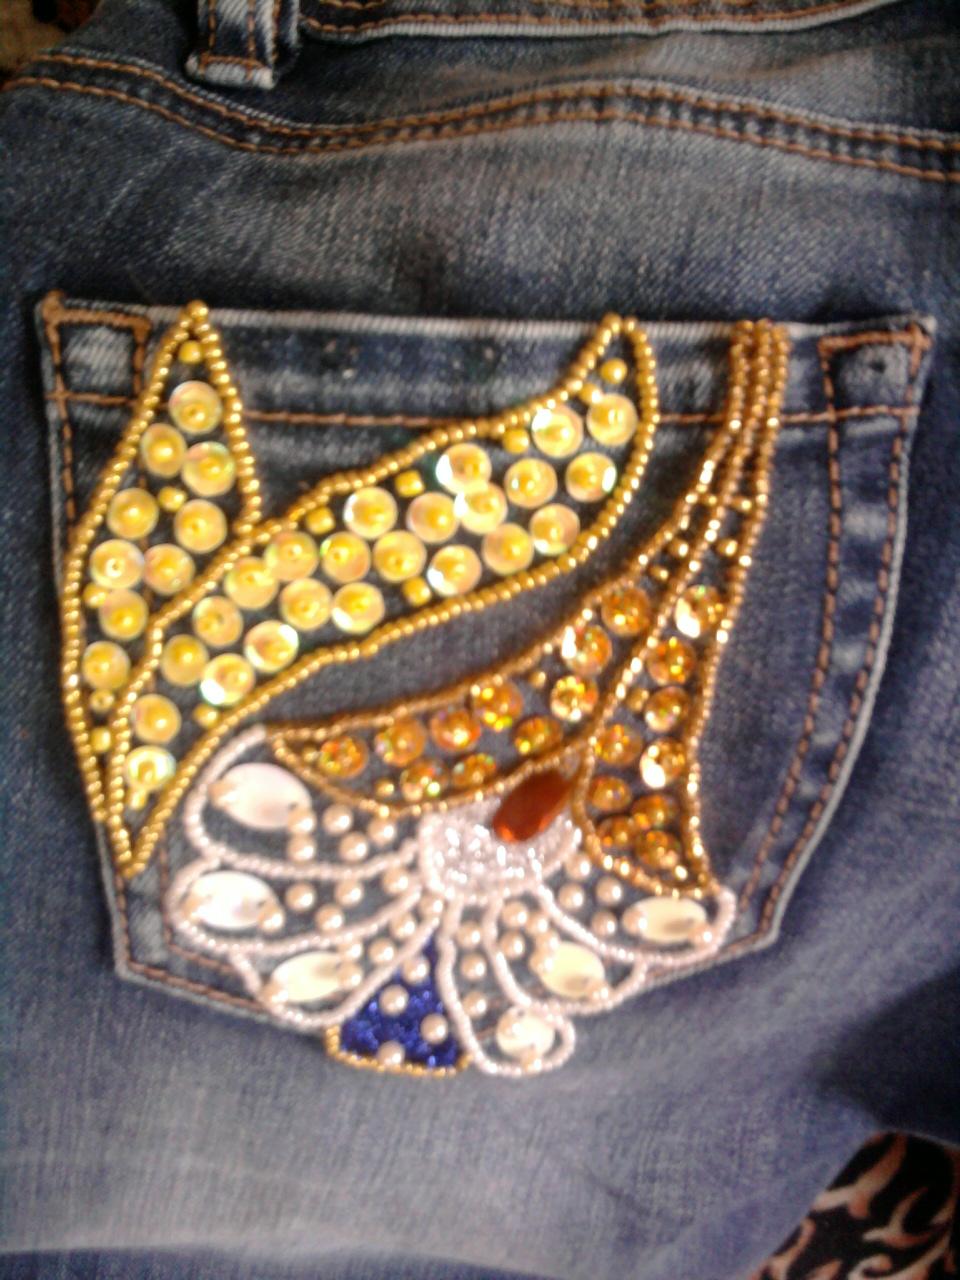 джинсы. Вышивка бисером